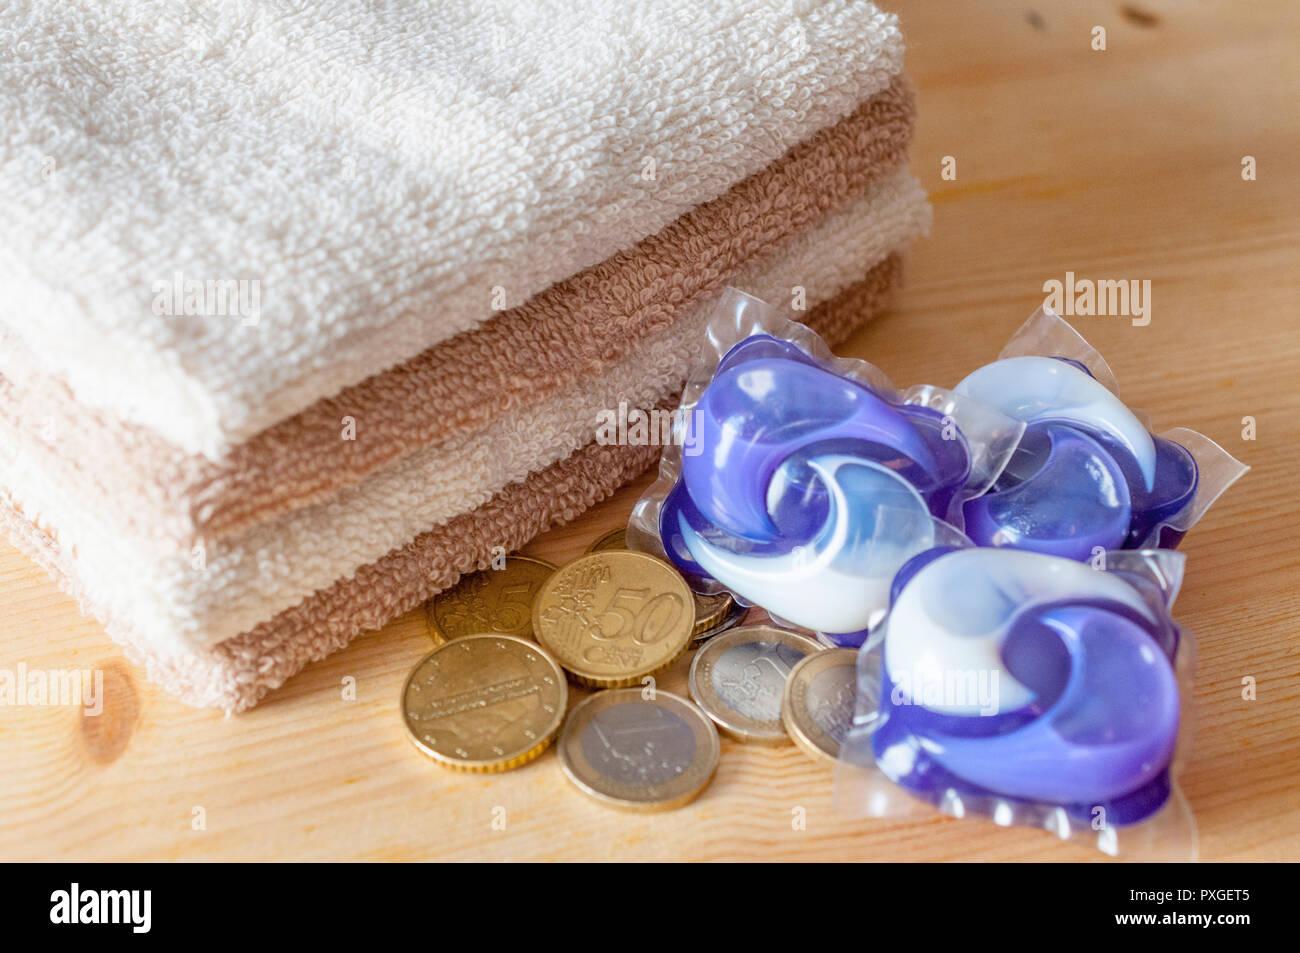 Speichern Konzept Stapel Von Waschmaschine Kapseln Klare